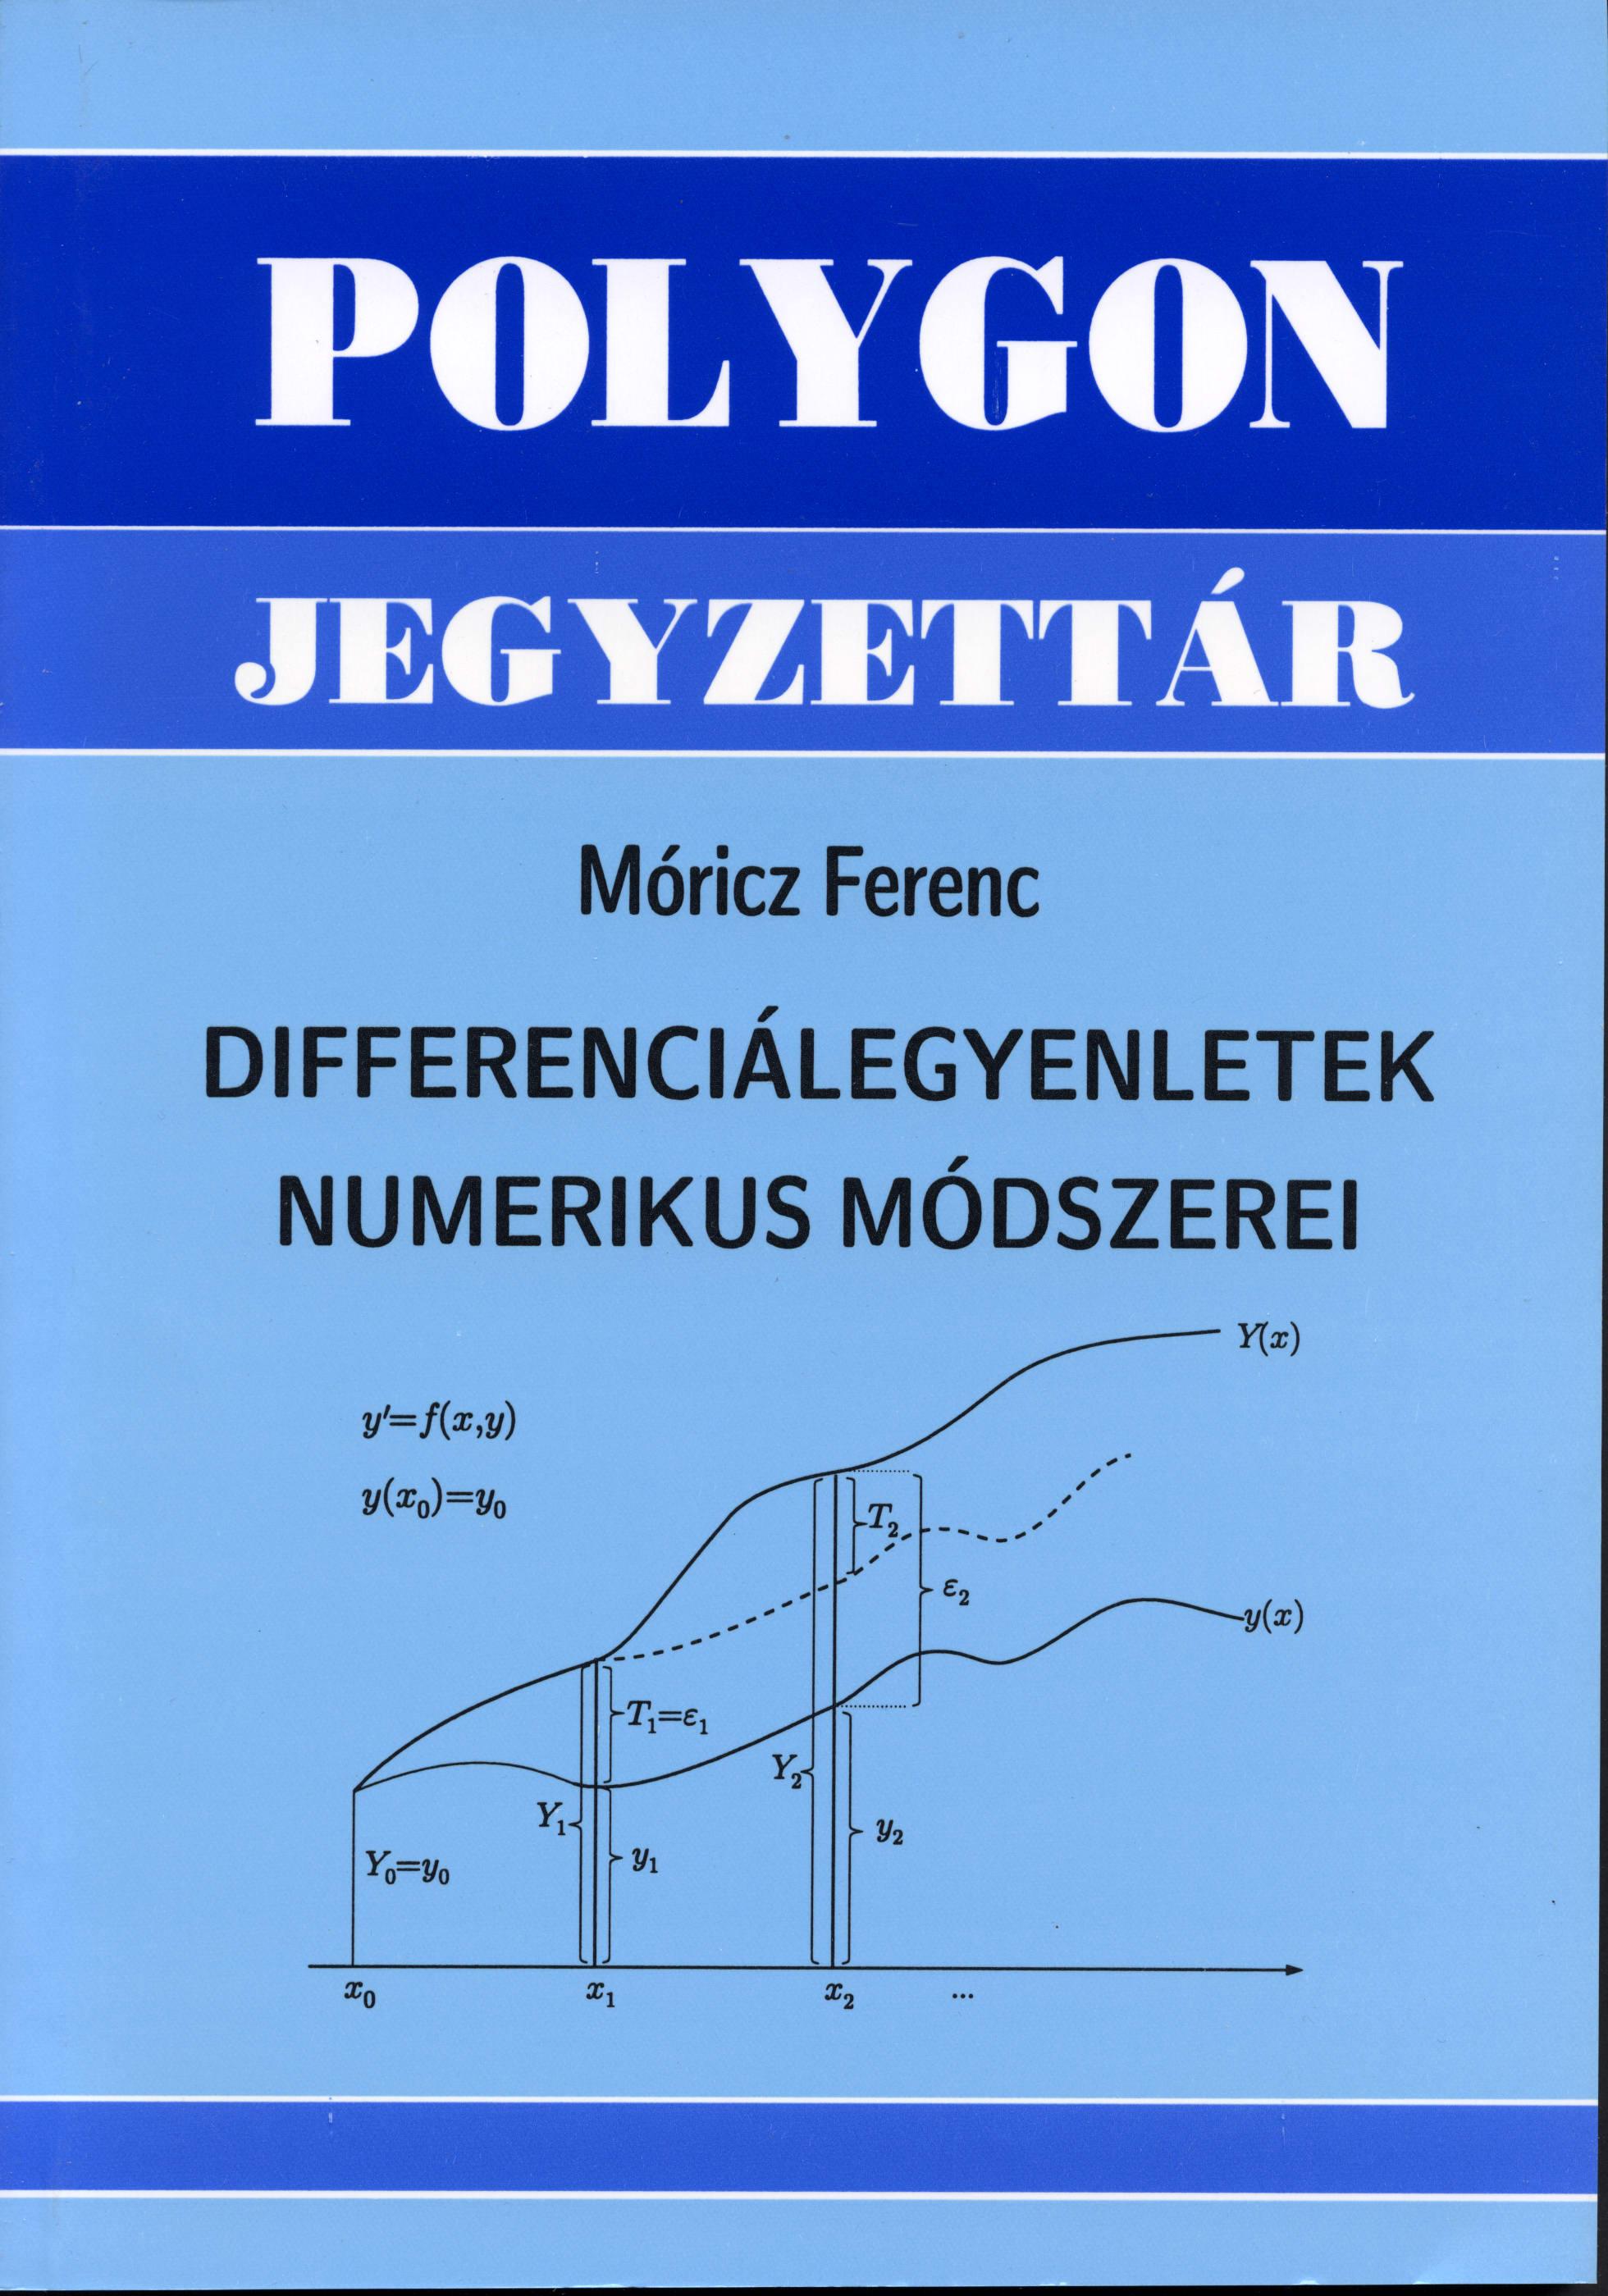 Differenciálegyenletek numerikus módszerei - Polygon jegyzet